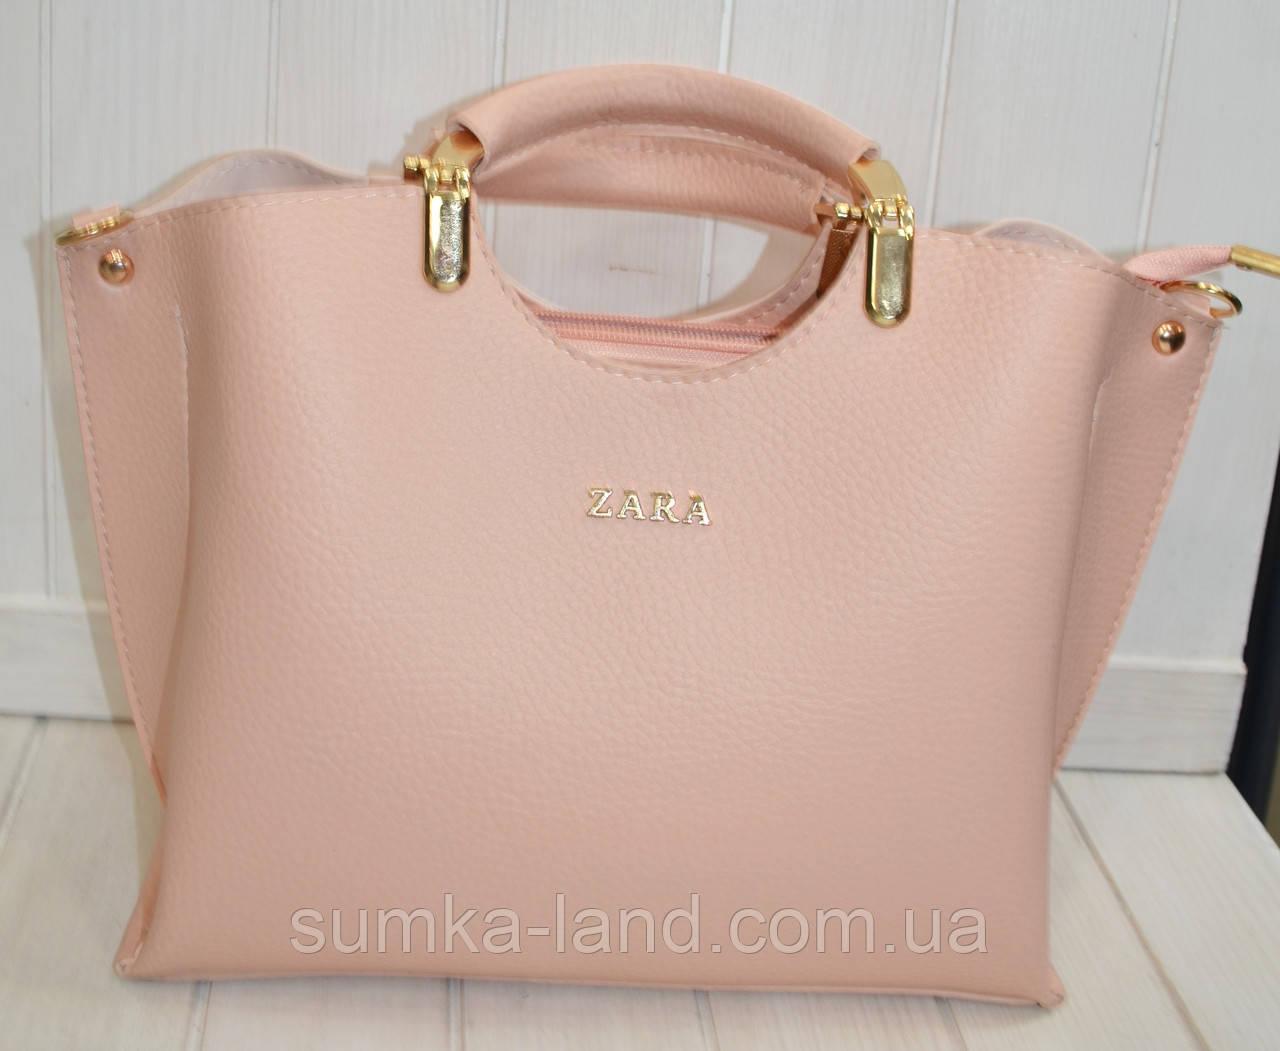 2522a544c0b5 Женская сумка стильная Zara пудровая из эко-кожи 27*22 см: продажа ...